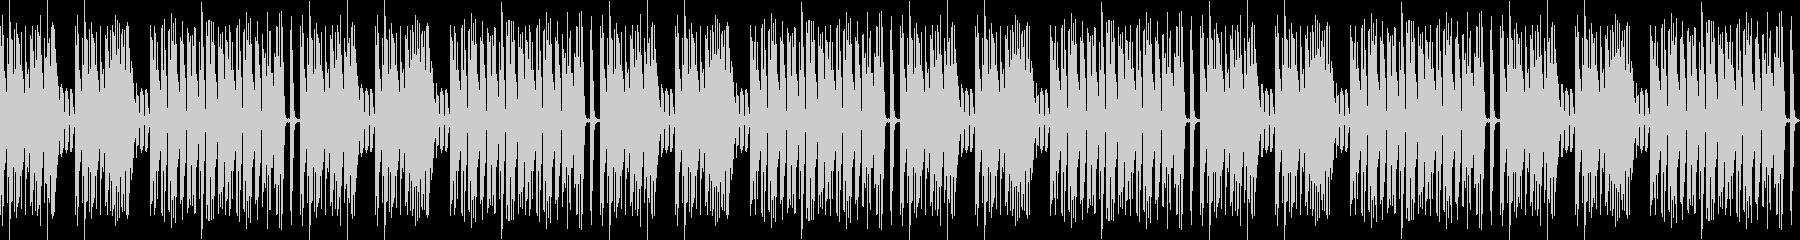 ほのぼの作業用BGMピアノ曲約3分ループの未再生の波形